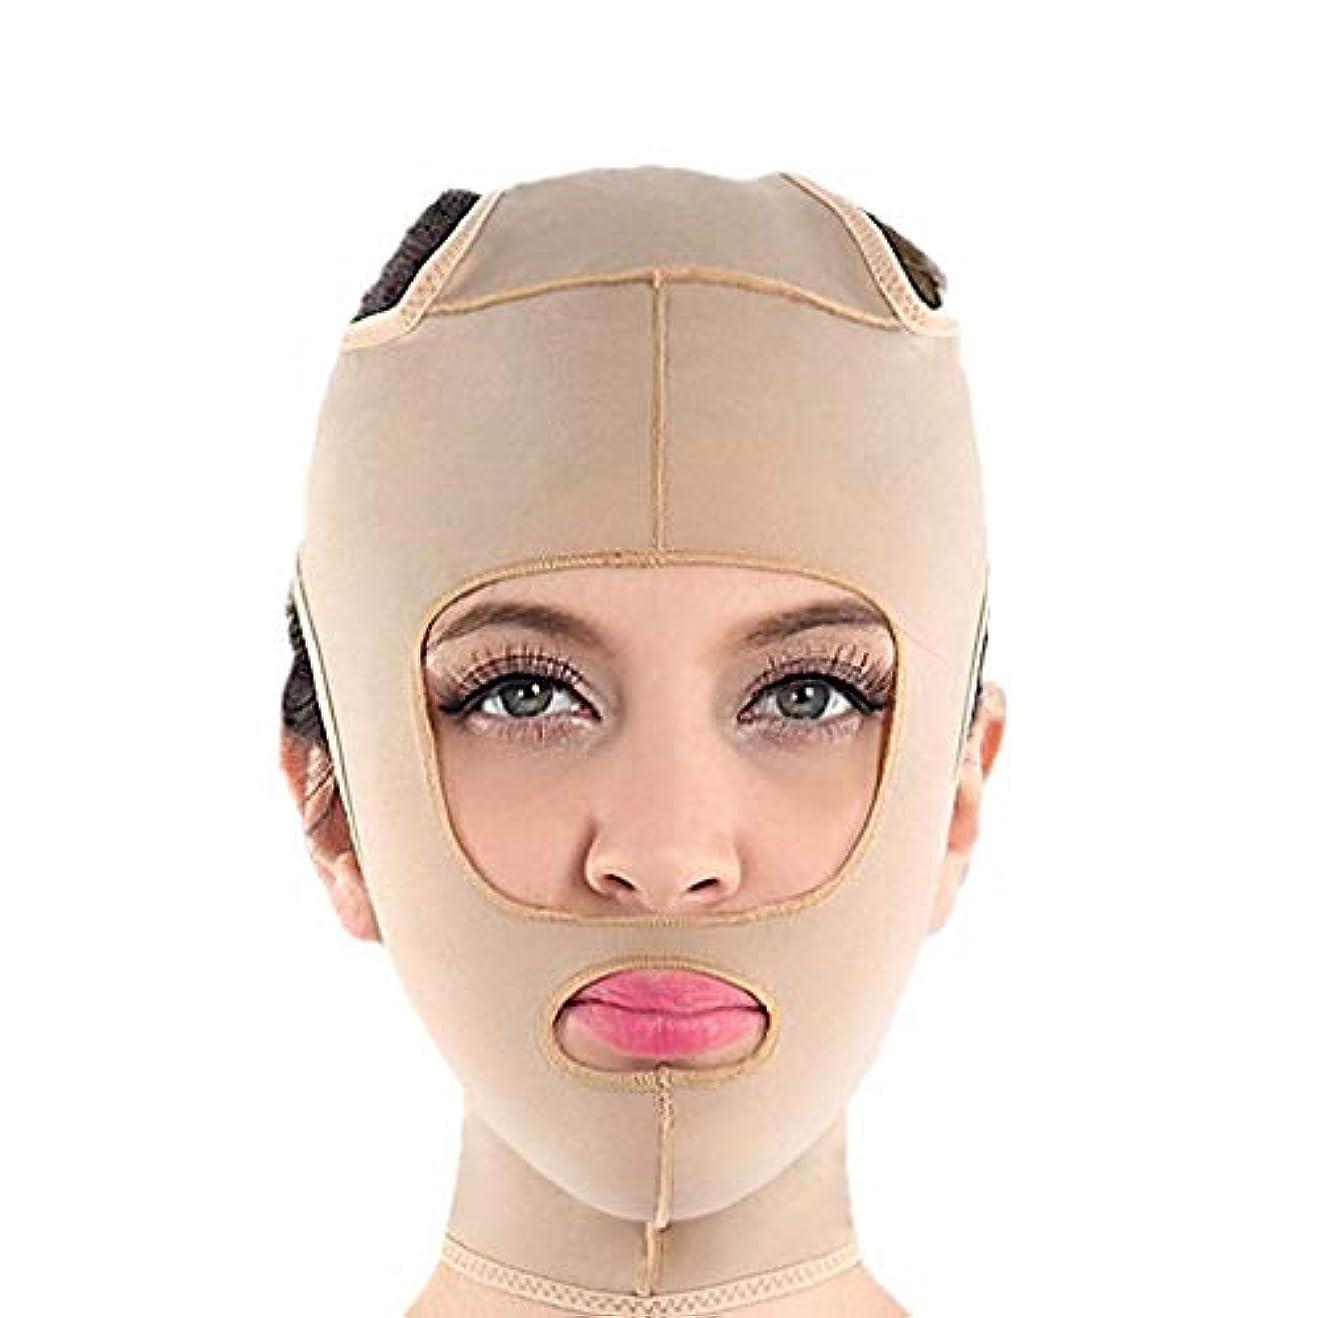 白鳥バーガー不規則性フェイスリフティング、ダブルチンストラップ、フェイシャル減量マスク、ダブルチンを減らすリフティングヌードル、ファーミングフェイス、パワフルリフティングマスク(サイズ:M),S